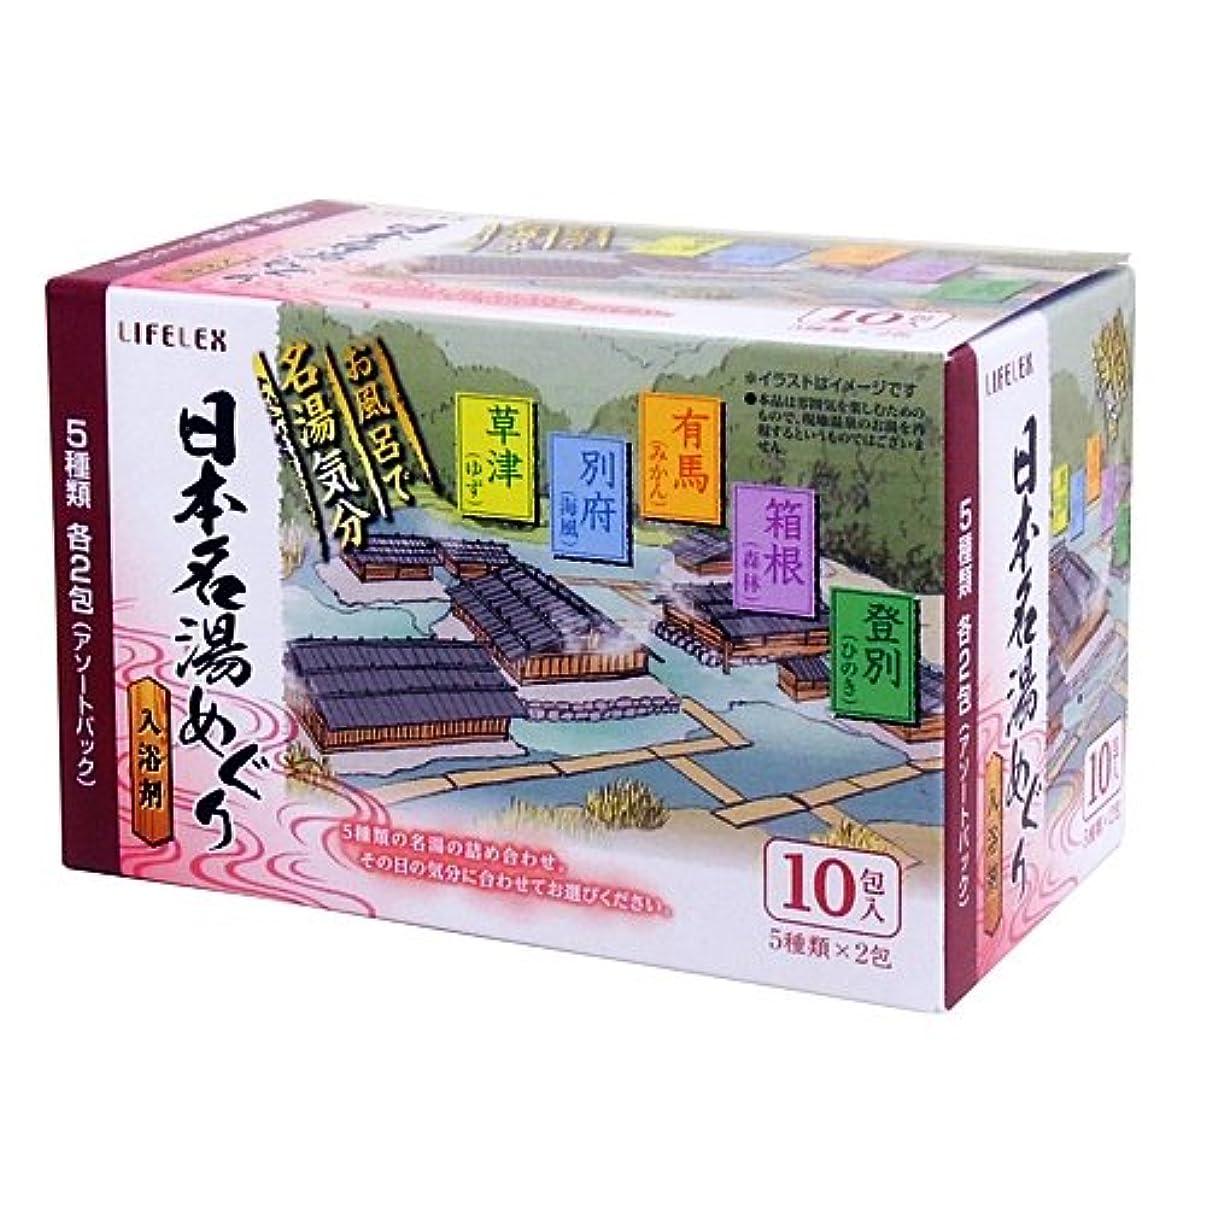 引く側溝プレミアムコーナンオリジナル 日本名湯めぐり 25g×10包 KOT15ー9118